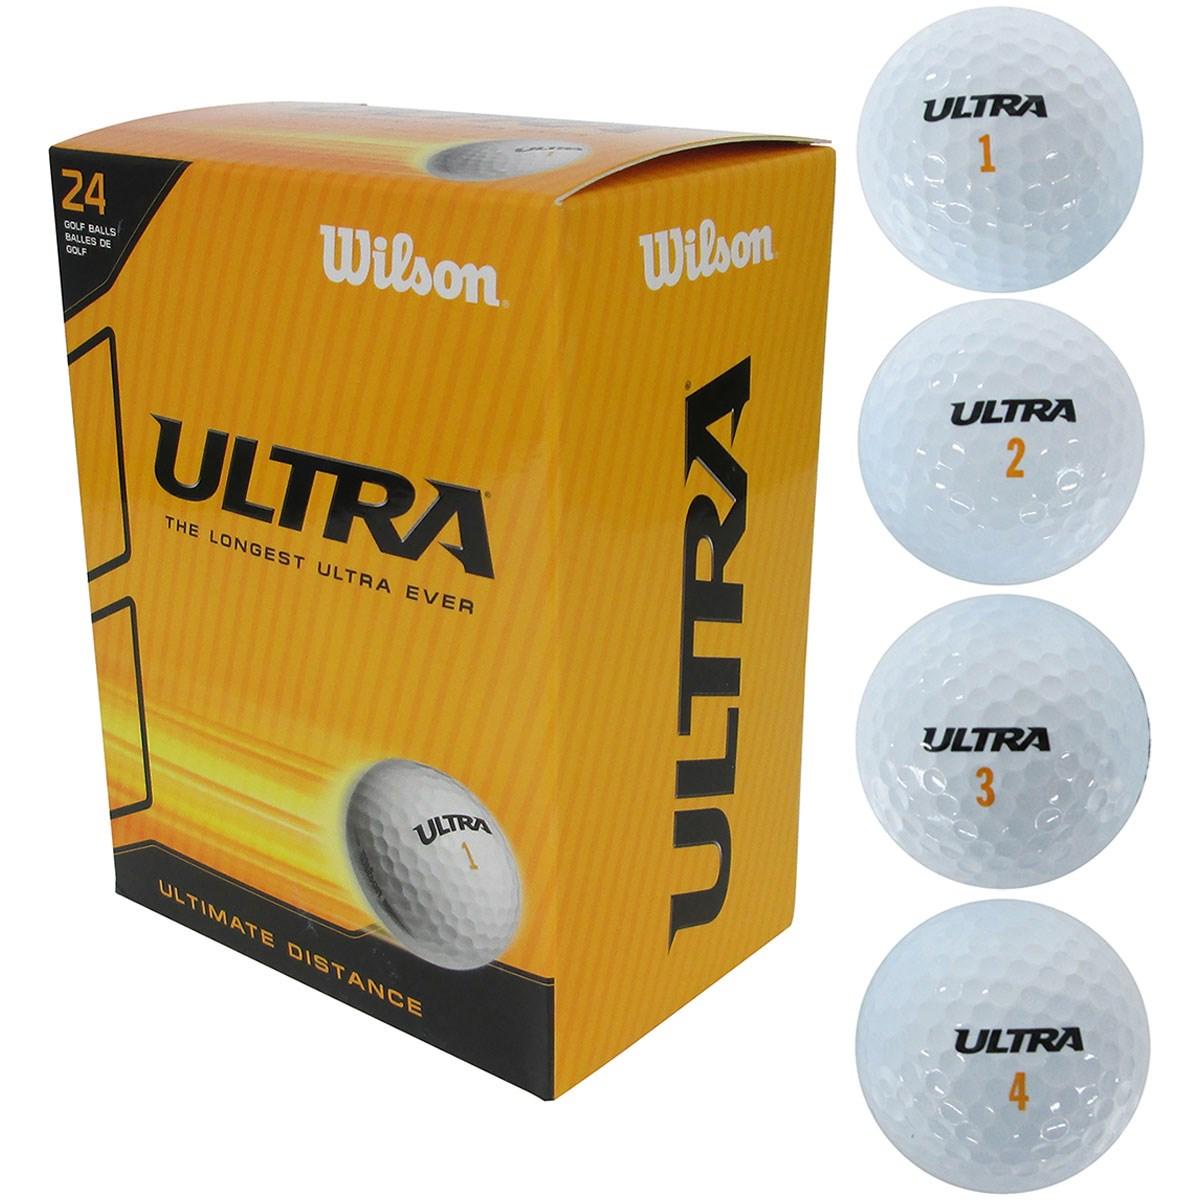 ウイルソン(wilson) ULTRA ゴルフボール 24個入り